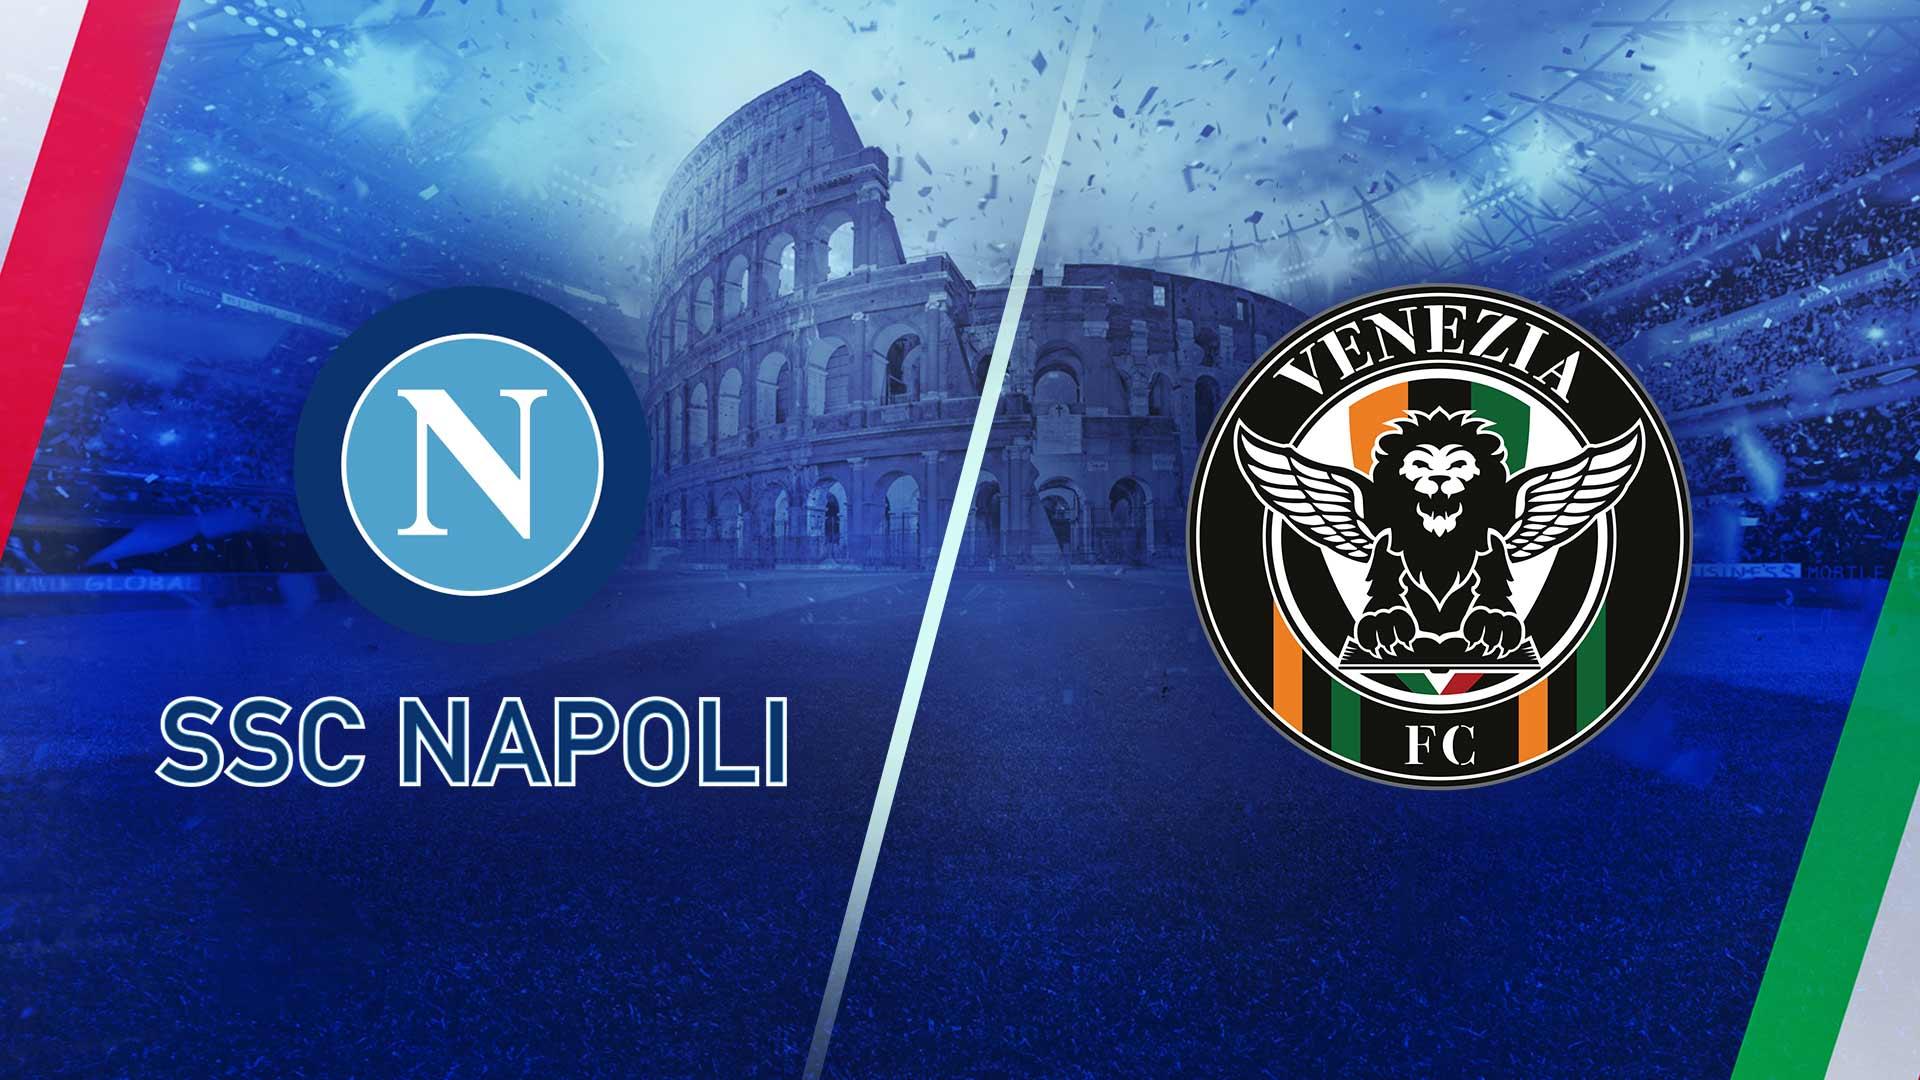 Napoli vs Venezia Highlights 22 August 2021